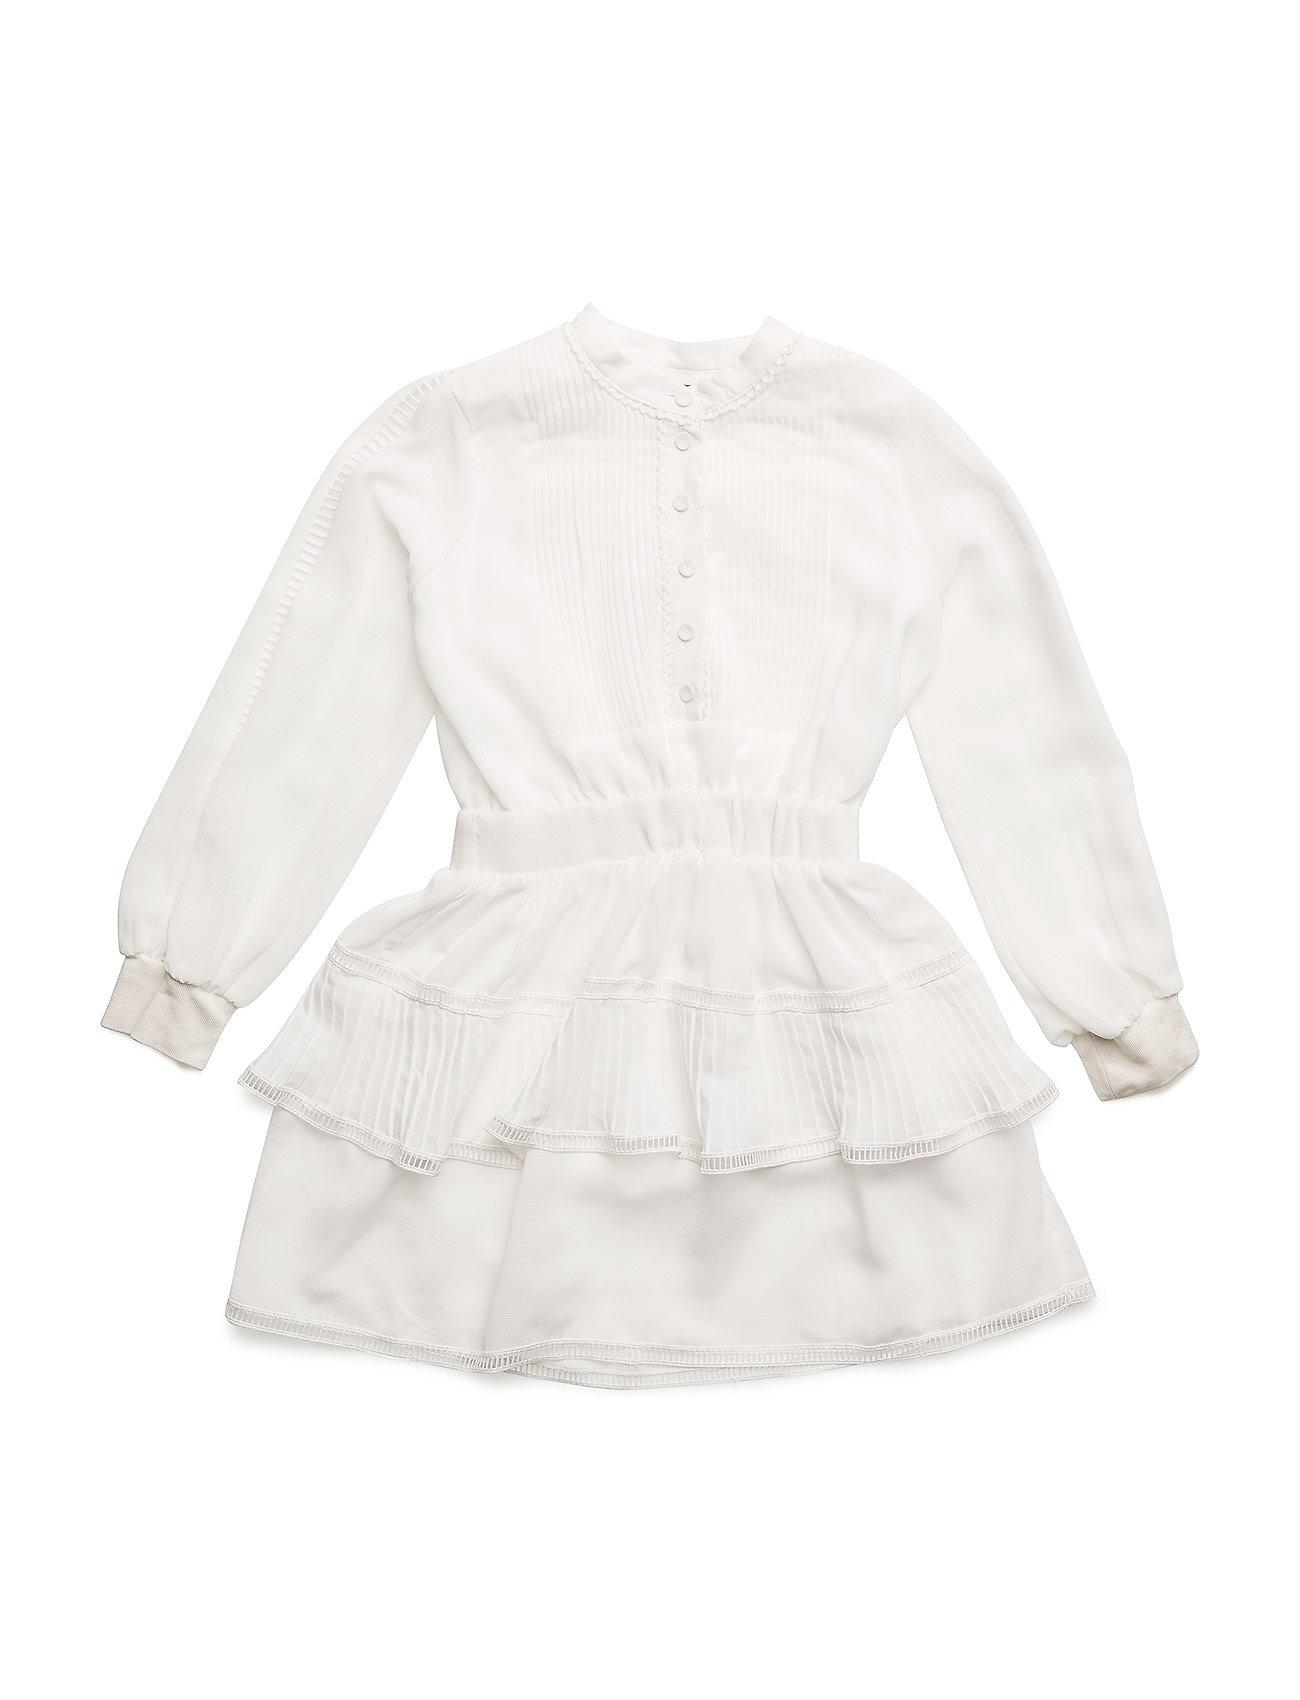 d460b16b906a Lr Lea Shirt Dress kjoler fra Little Remix til børn i Sort - Pashion.dk